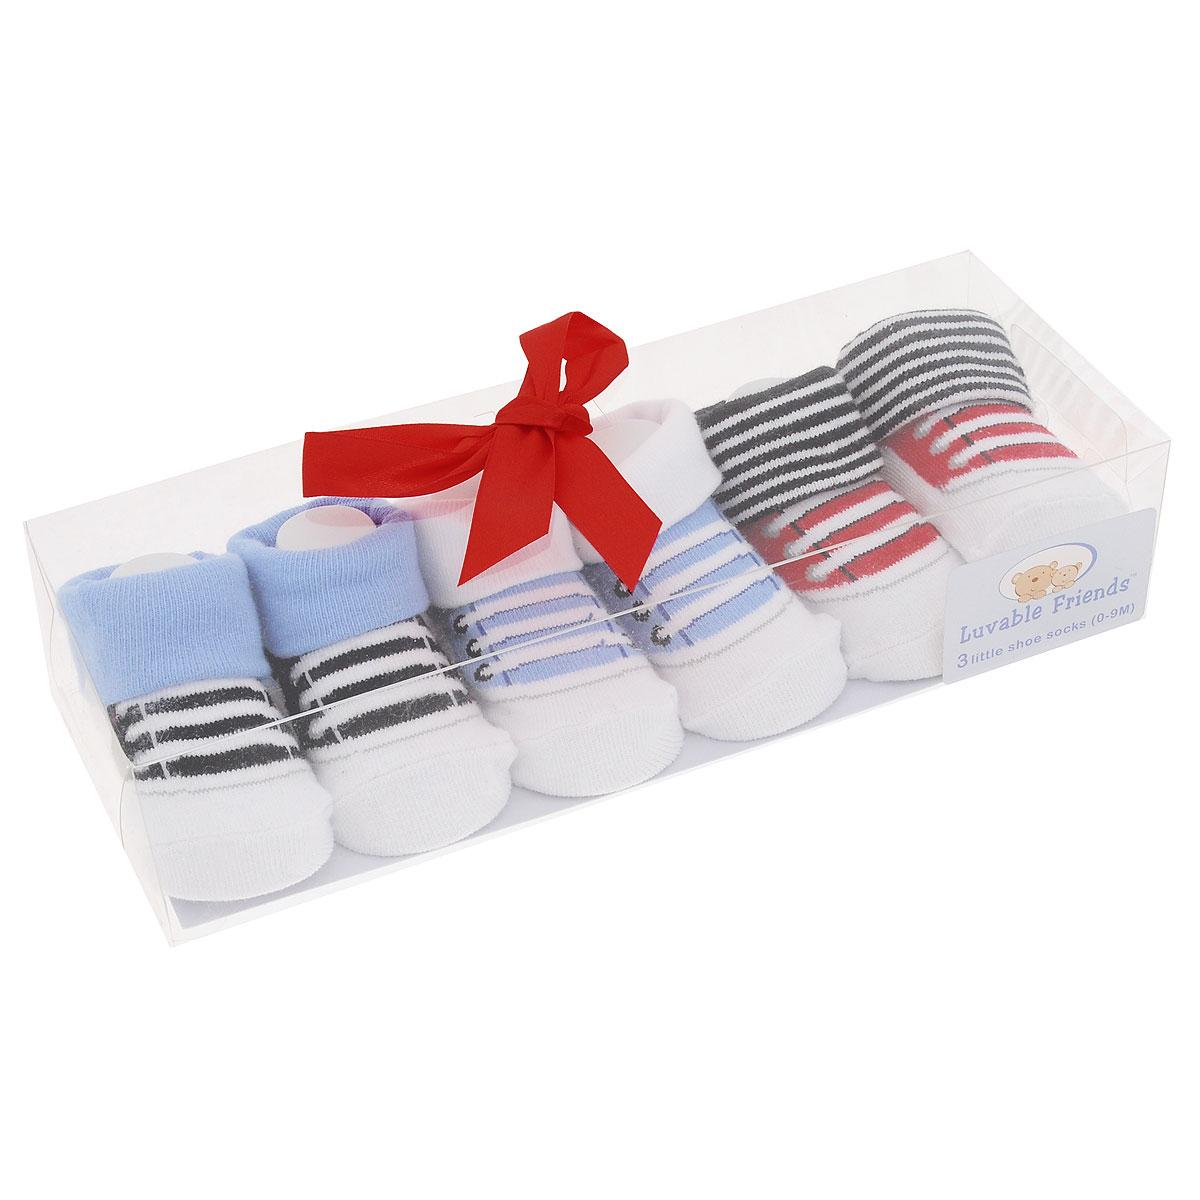 Носки07112Комфортные, прочные и красивые детские носки Luvable Friends с отворотами очень мягкие на ощупь, а широкая резинка плотно облегает ножку ребенка, не сдавливая ее, благодаря чему малышу будет комфортно и удобно. Подарочный комплект состоит из трех пар разноцветных носочков с оригинальным принтом. Носочки упакованы в красивую подарочную прозрачную коробку с яркой лентой.